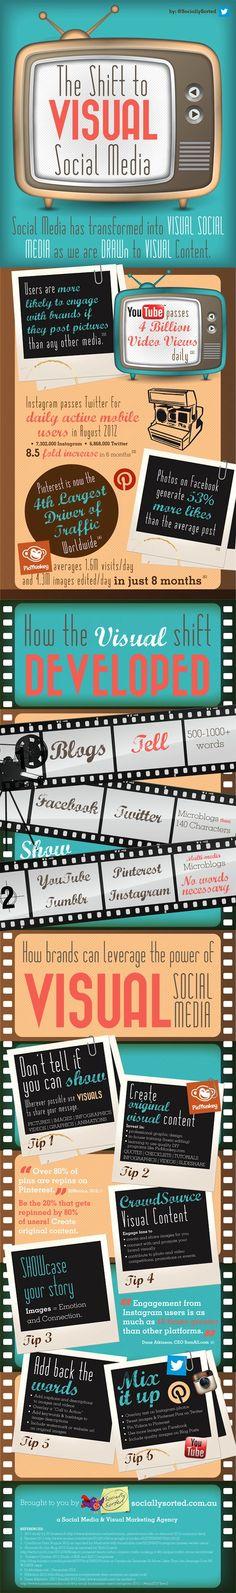 """L'importance des médias sociaux """"visuels"""" pour les marques #PictureMarketing #SocialMedia"""